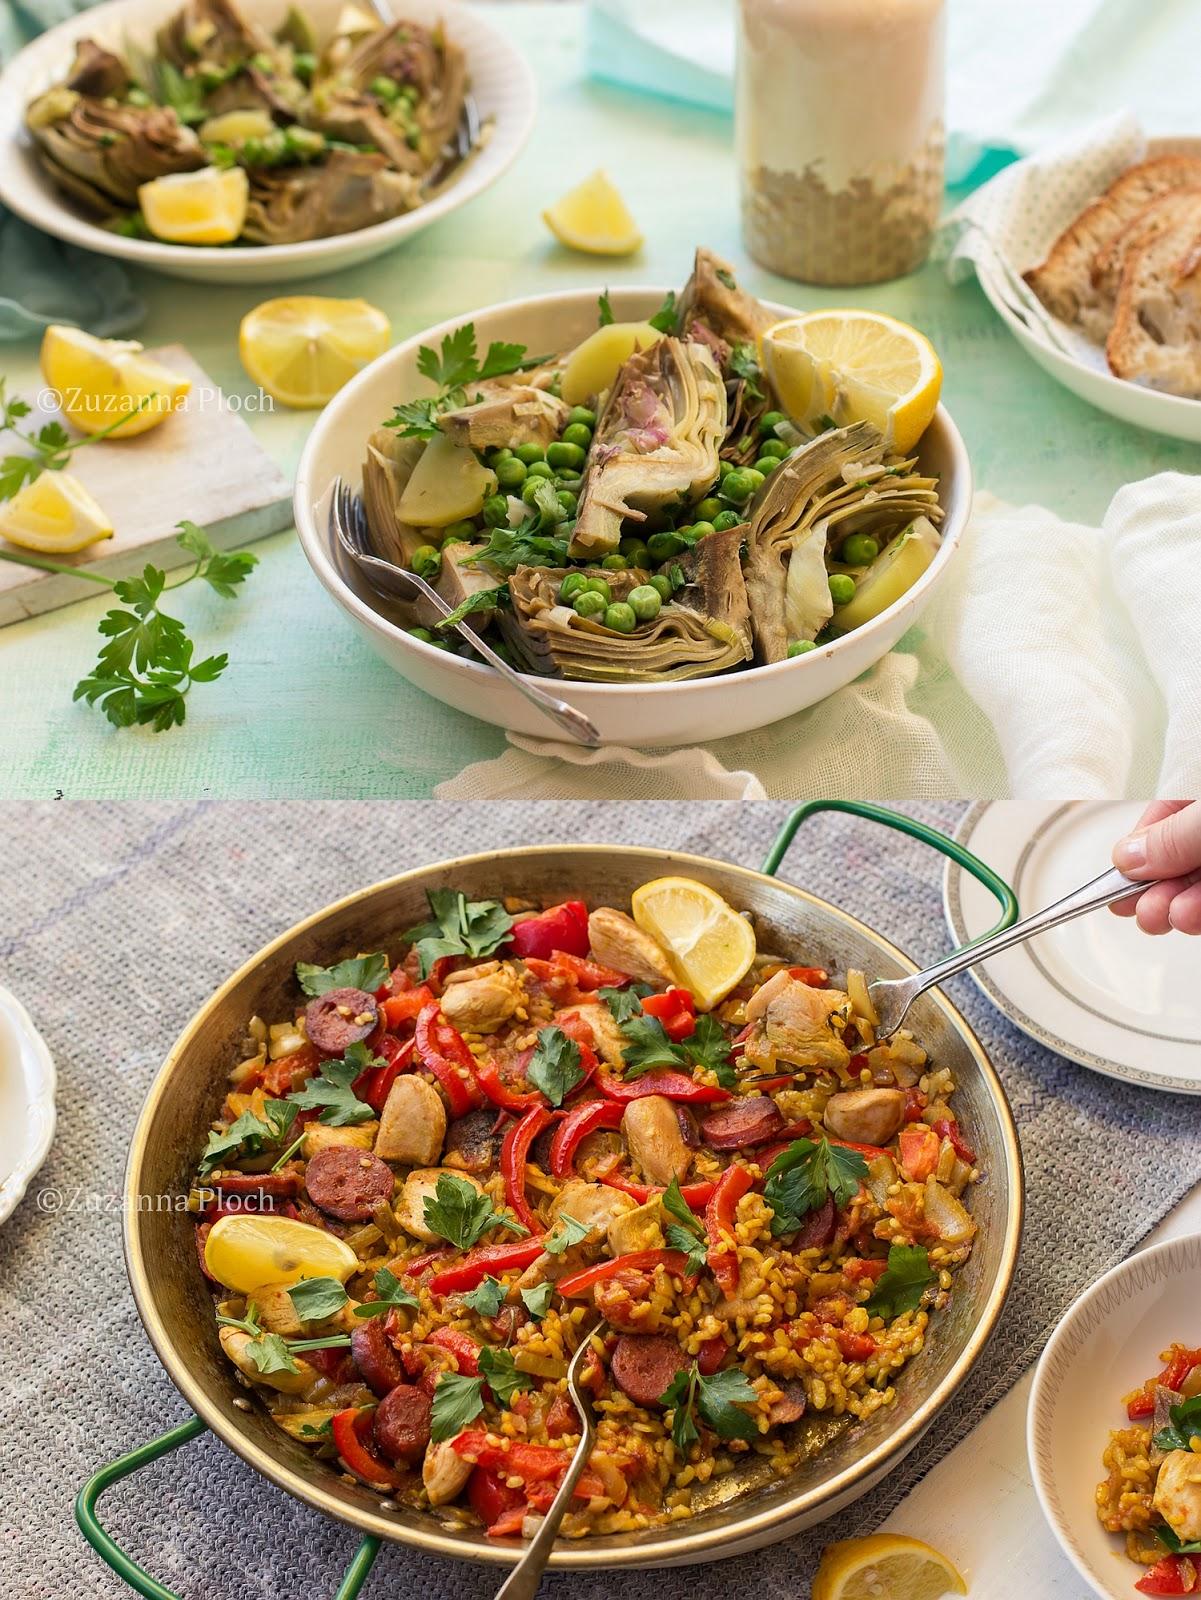 Regionalne przepisy - zdjęcia potraw i z procesu przygotowania